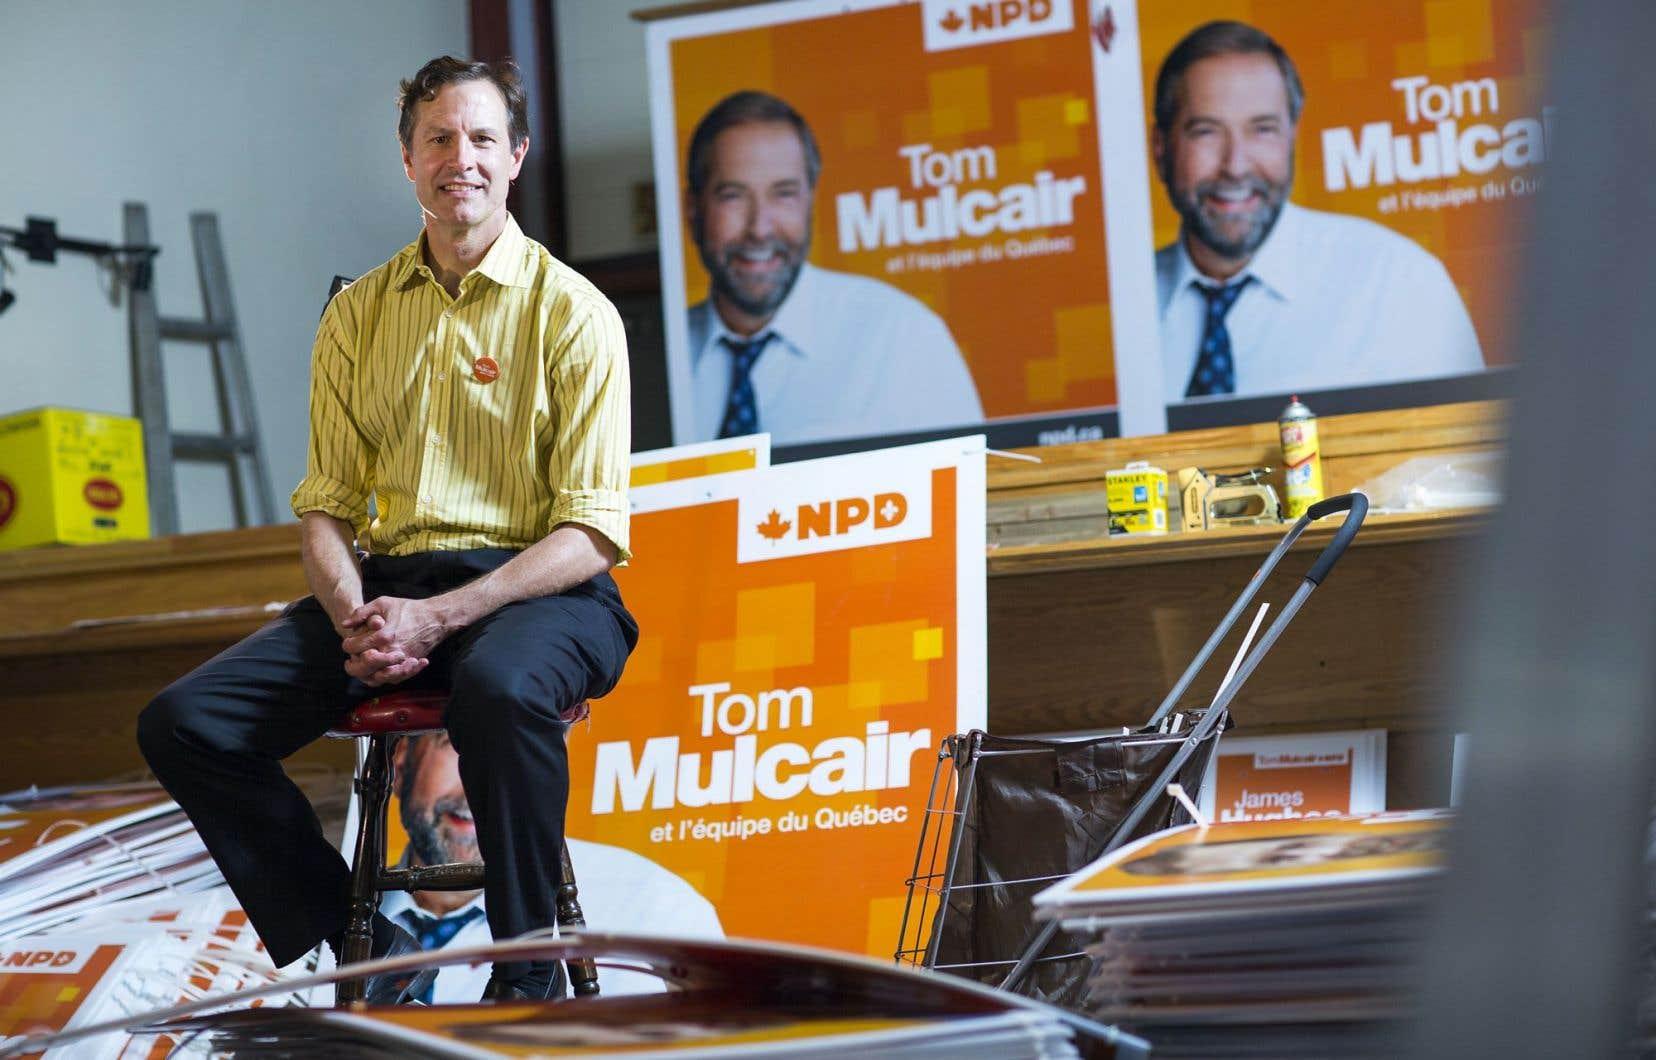 James Hughes (NPD) et Marc Garneau (PLC) sont des candidats «ministrables». Tous deux comptent cependant sur des vents favorables à leur parti pour l'emporter.